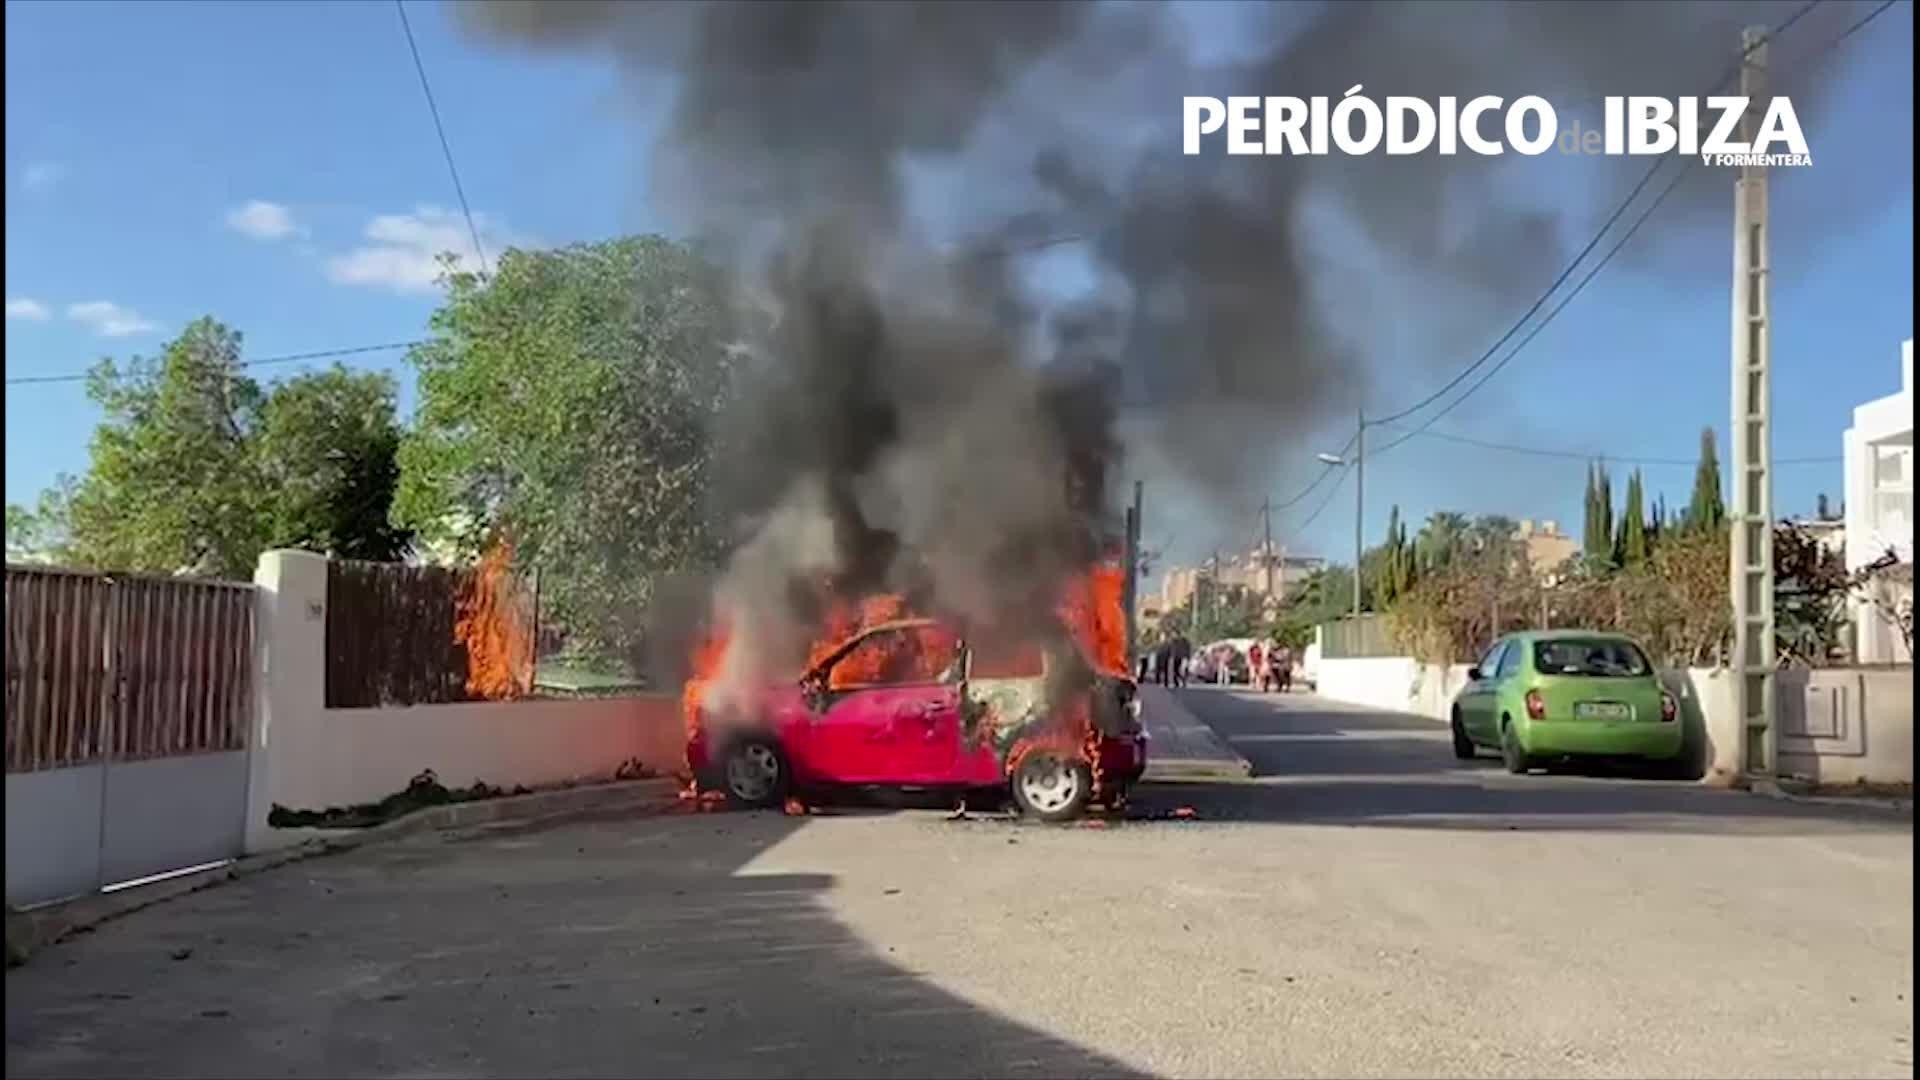 Un aparatoso incendio devora un turismo y una moto en Jesús